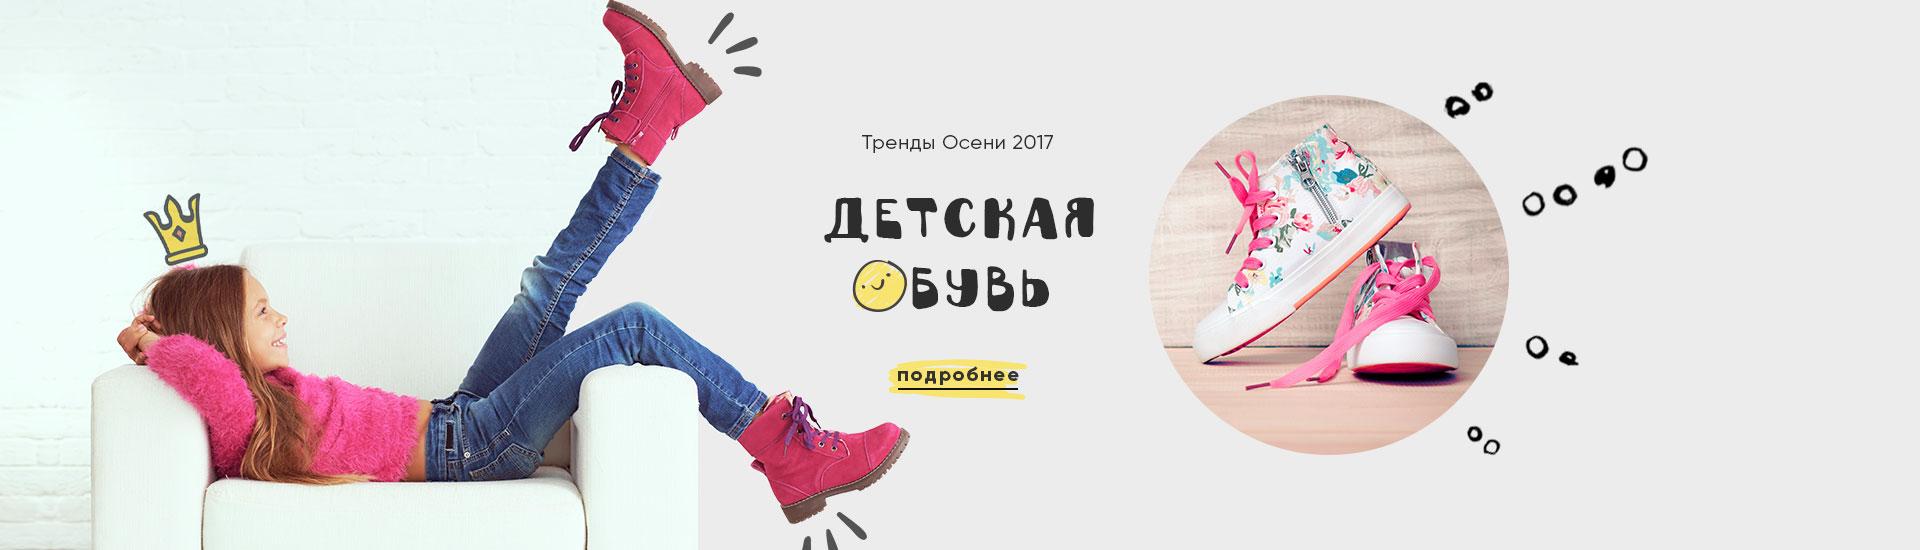 Детские обувные тренды Осень